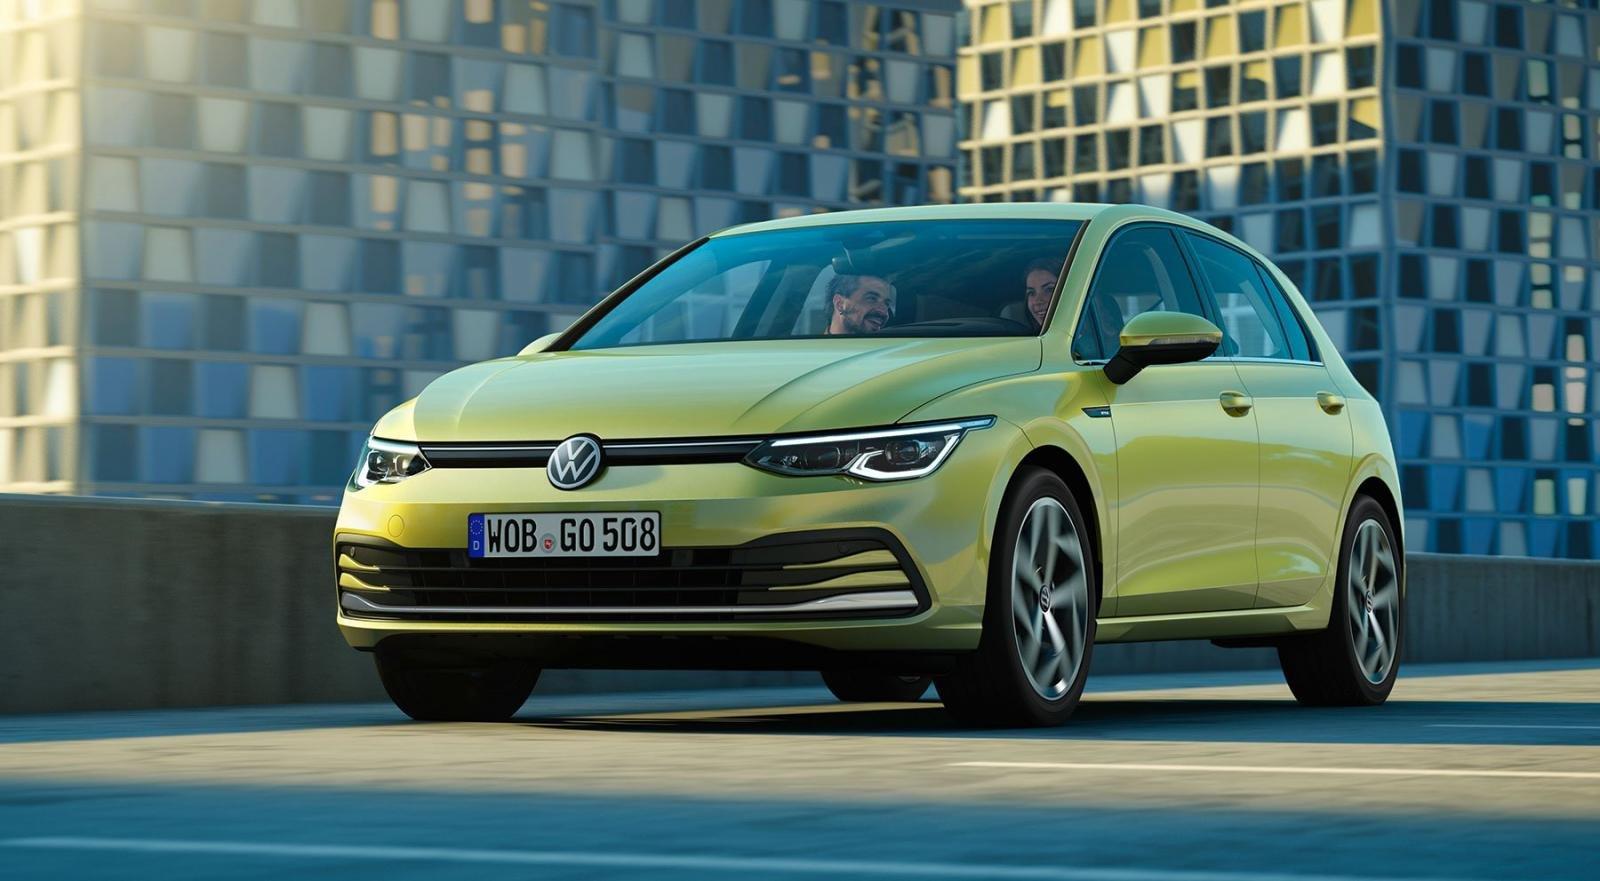 Volkswagen Mk8 Golf 2020 sở hữu đèn pha hoàn toàn mới mỏng hơn và đèn chạy ban ngày phong cách hơn.